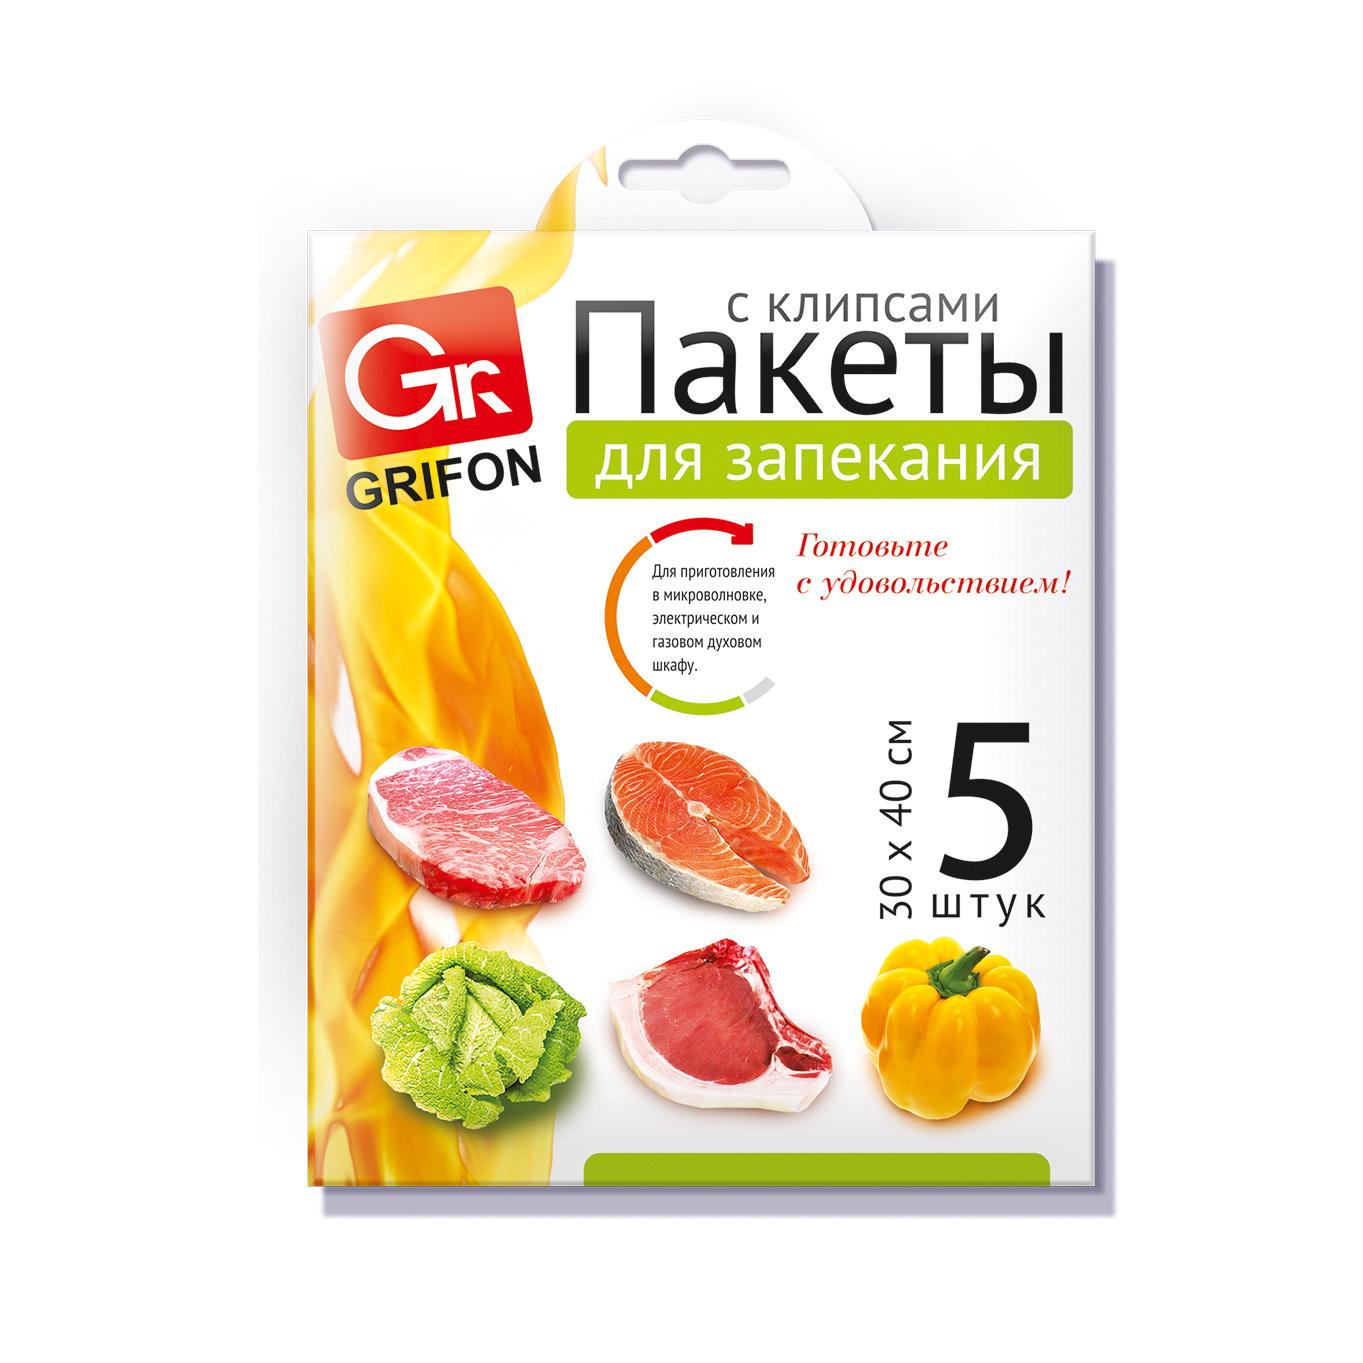 Пакет для запекания универсальный Grifon 30*40см, с клипсами, 5 шт. в упаковке printio пакет 15 5×22×5 см узор из линий с выбором цвета